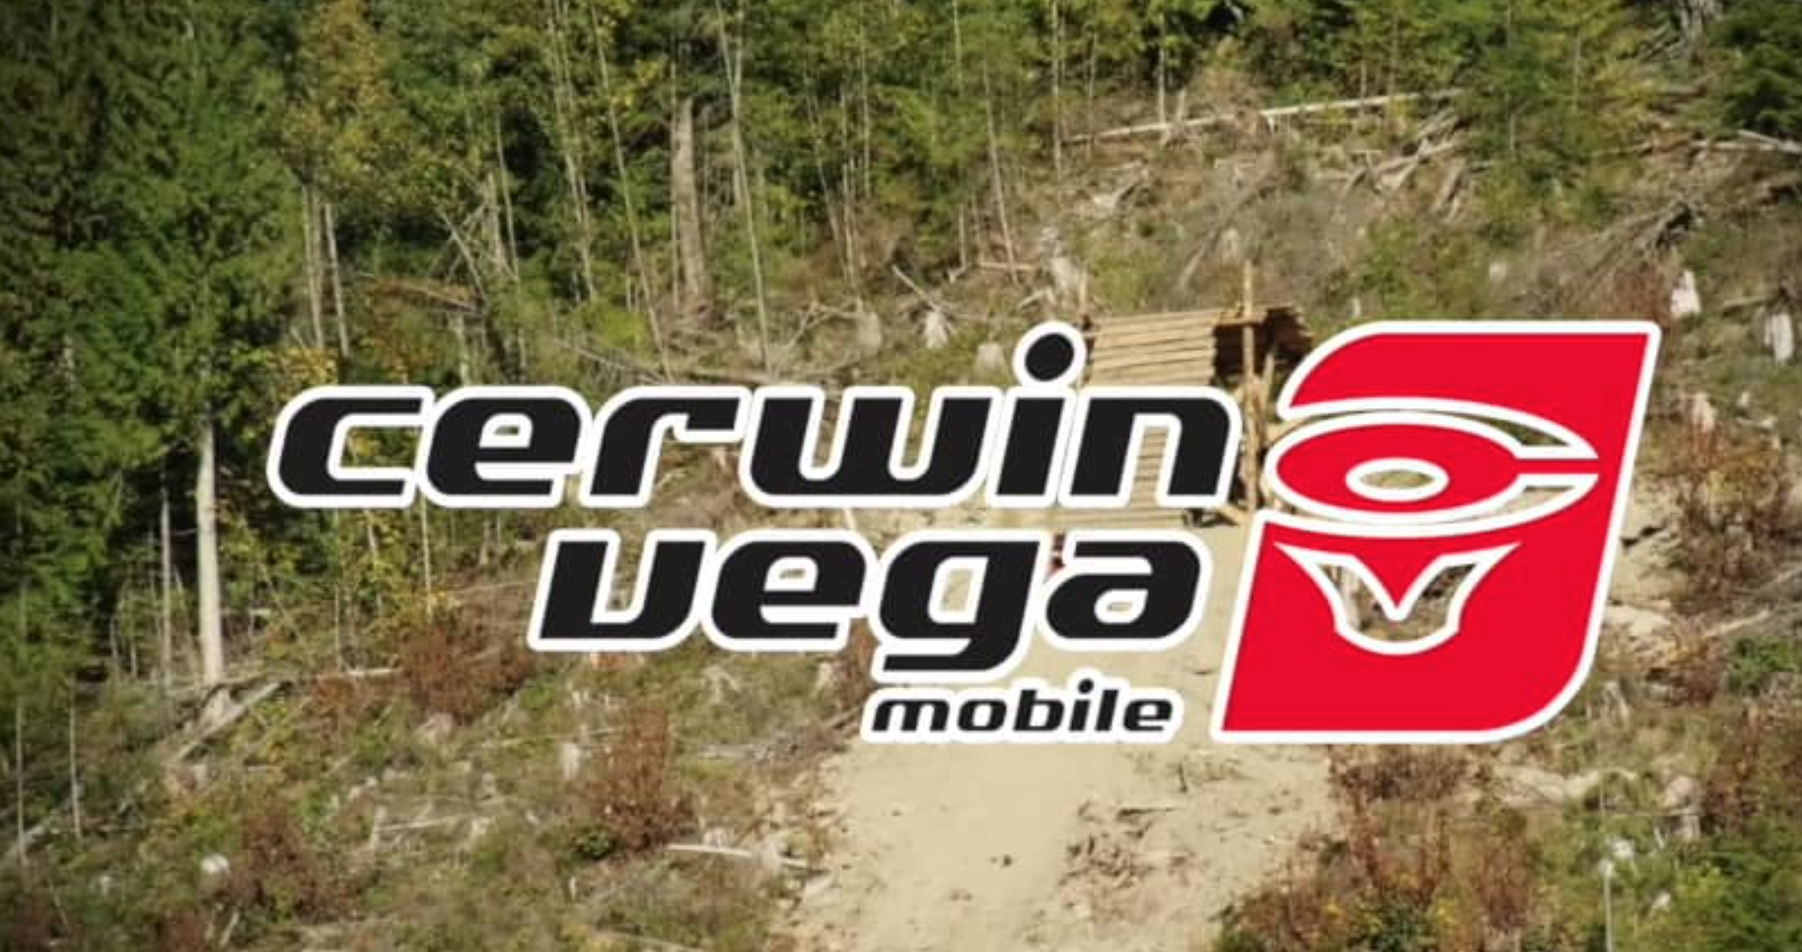 Cerwin Vega – CES Video Project